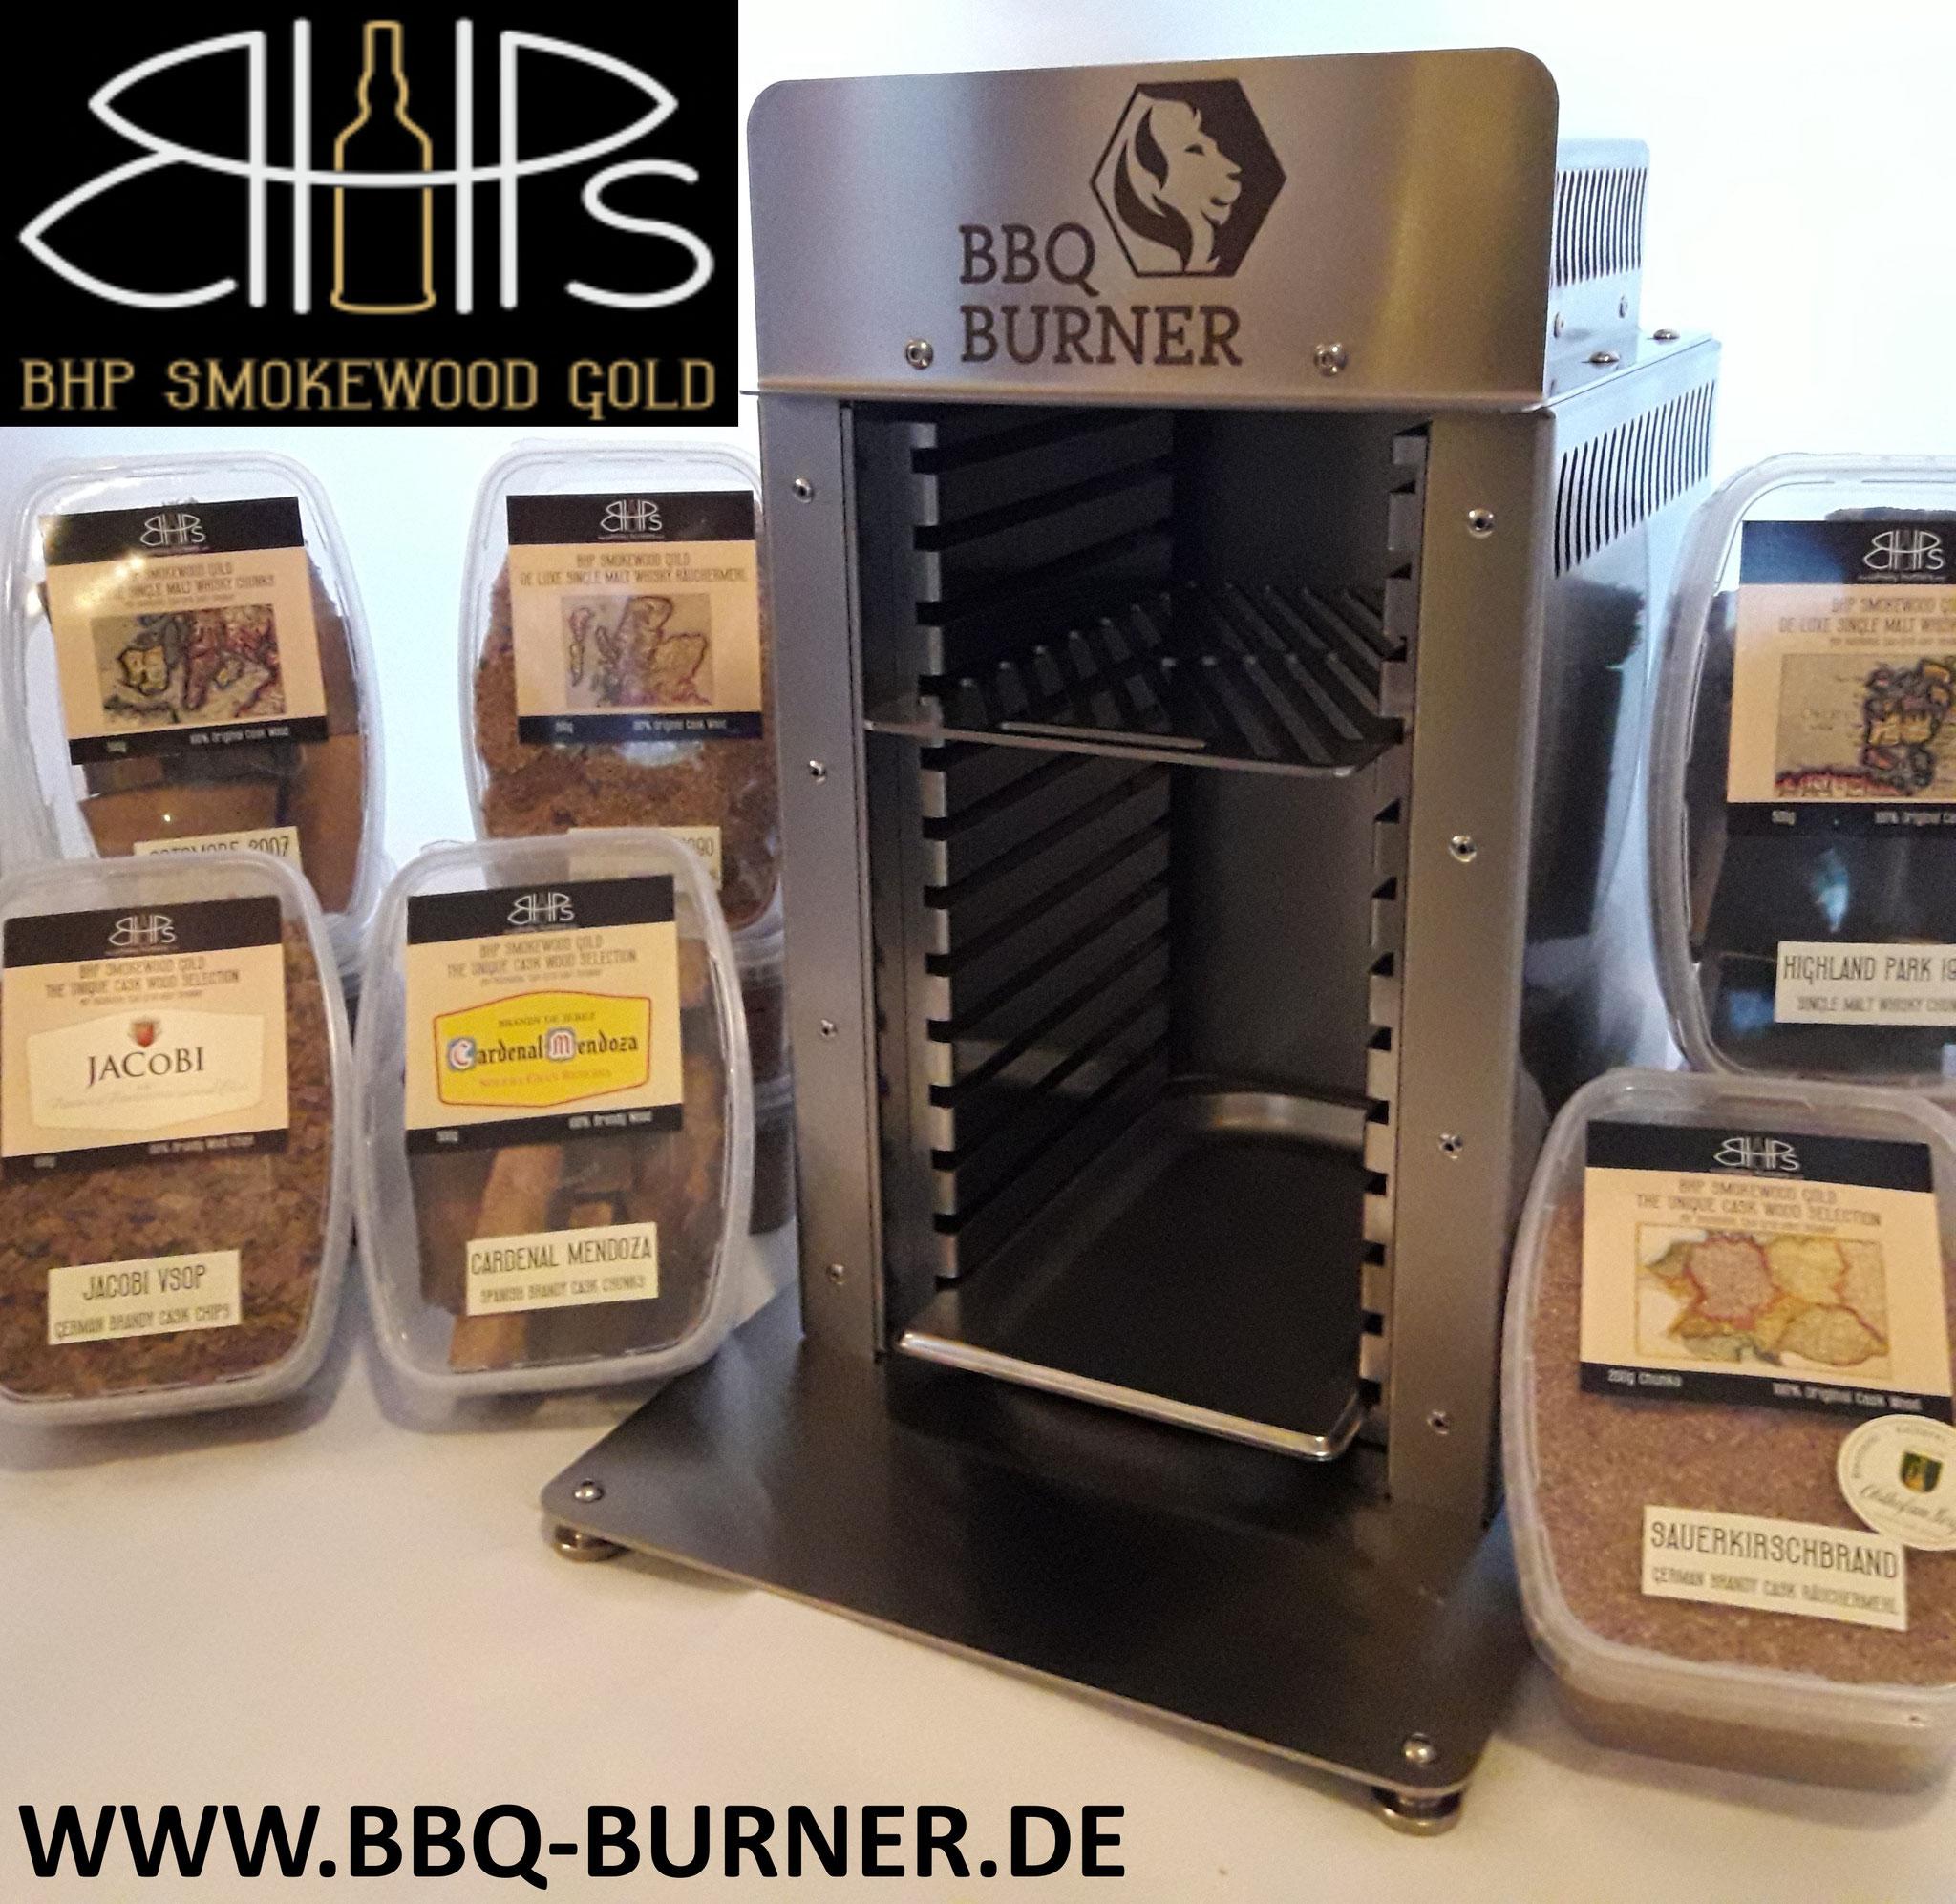 Oberhitzegrill einzigartig zum Umbauen aus der Manufaktur BBQ Burner und edle Sorten Räuchermehl, Chunks, Chips von BHP Smokewood Gold